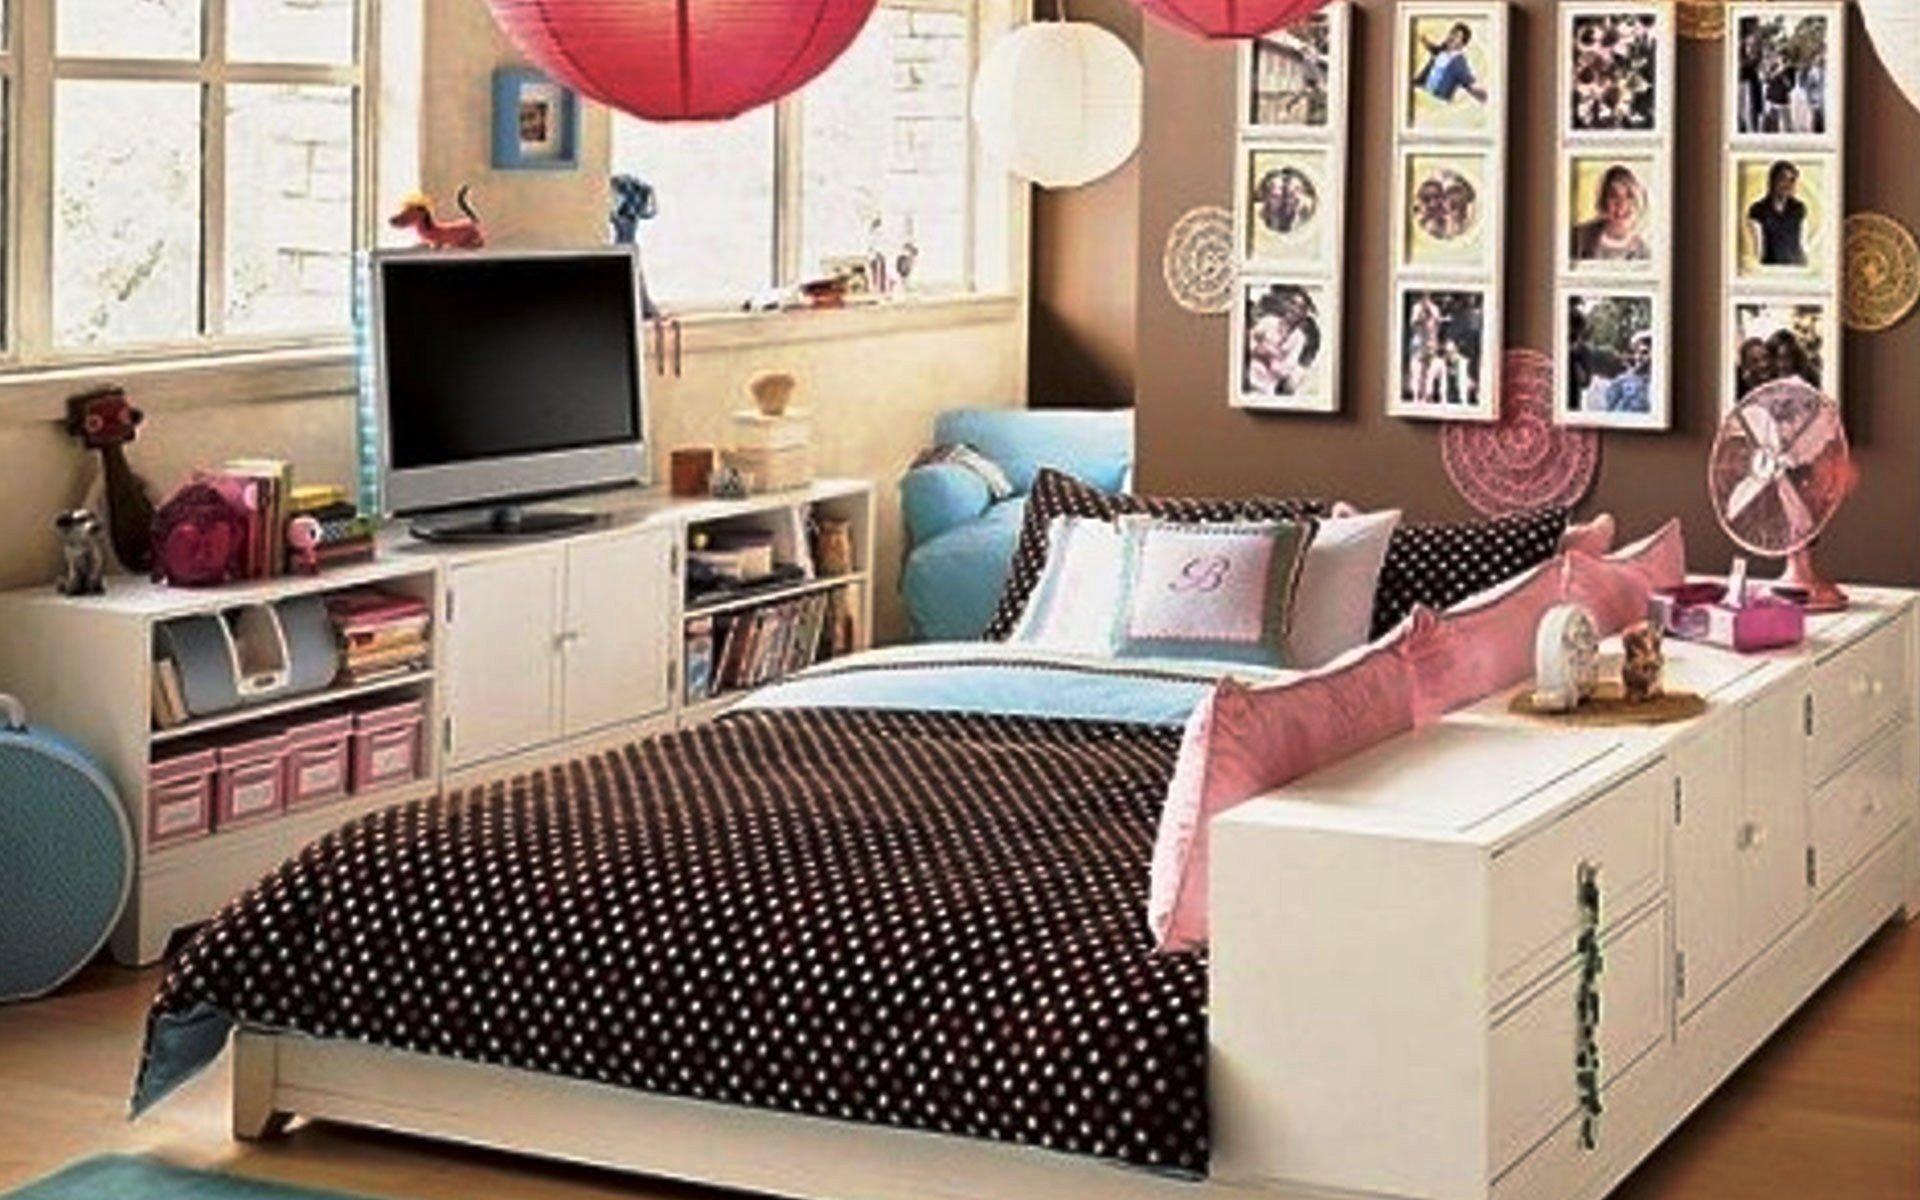 10 Great Do It Yourself Bedroom Ideas diy bedroom ideas internetunblock internetunblock 2021